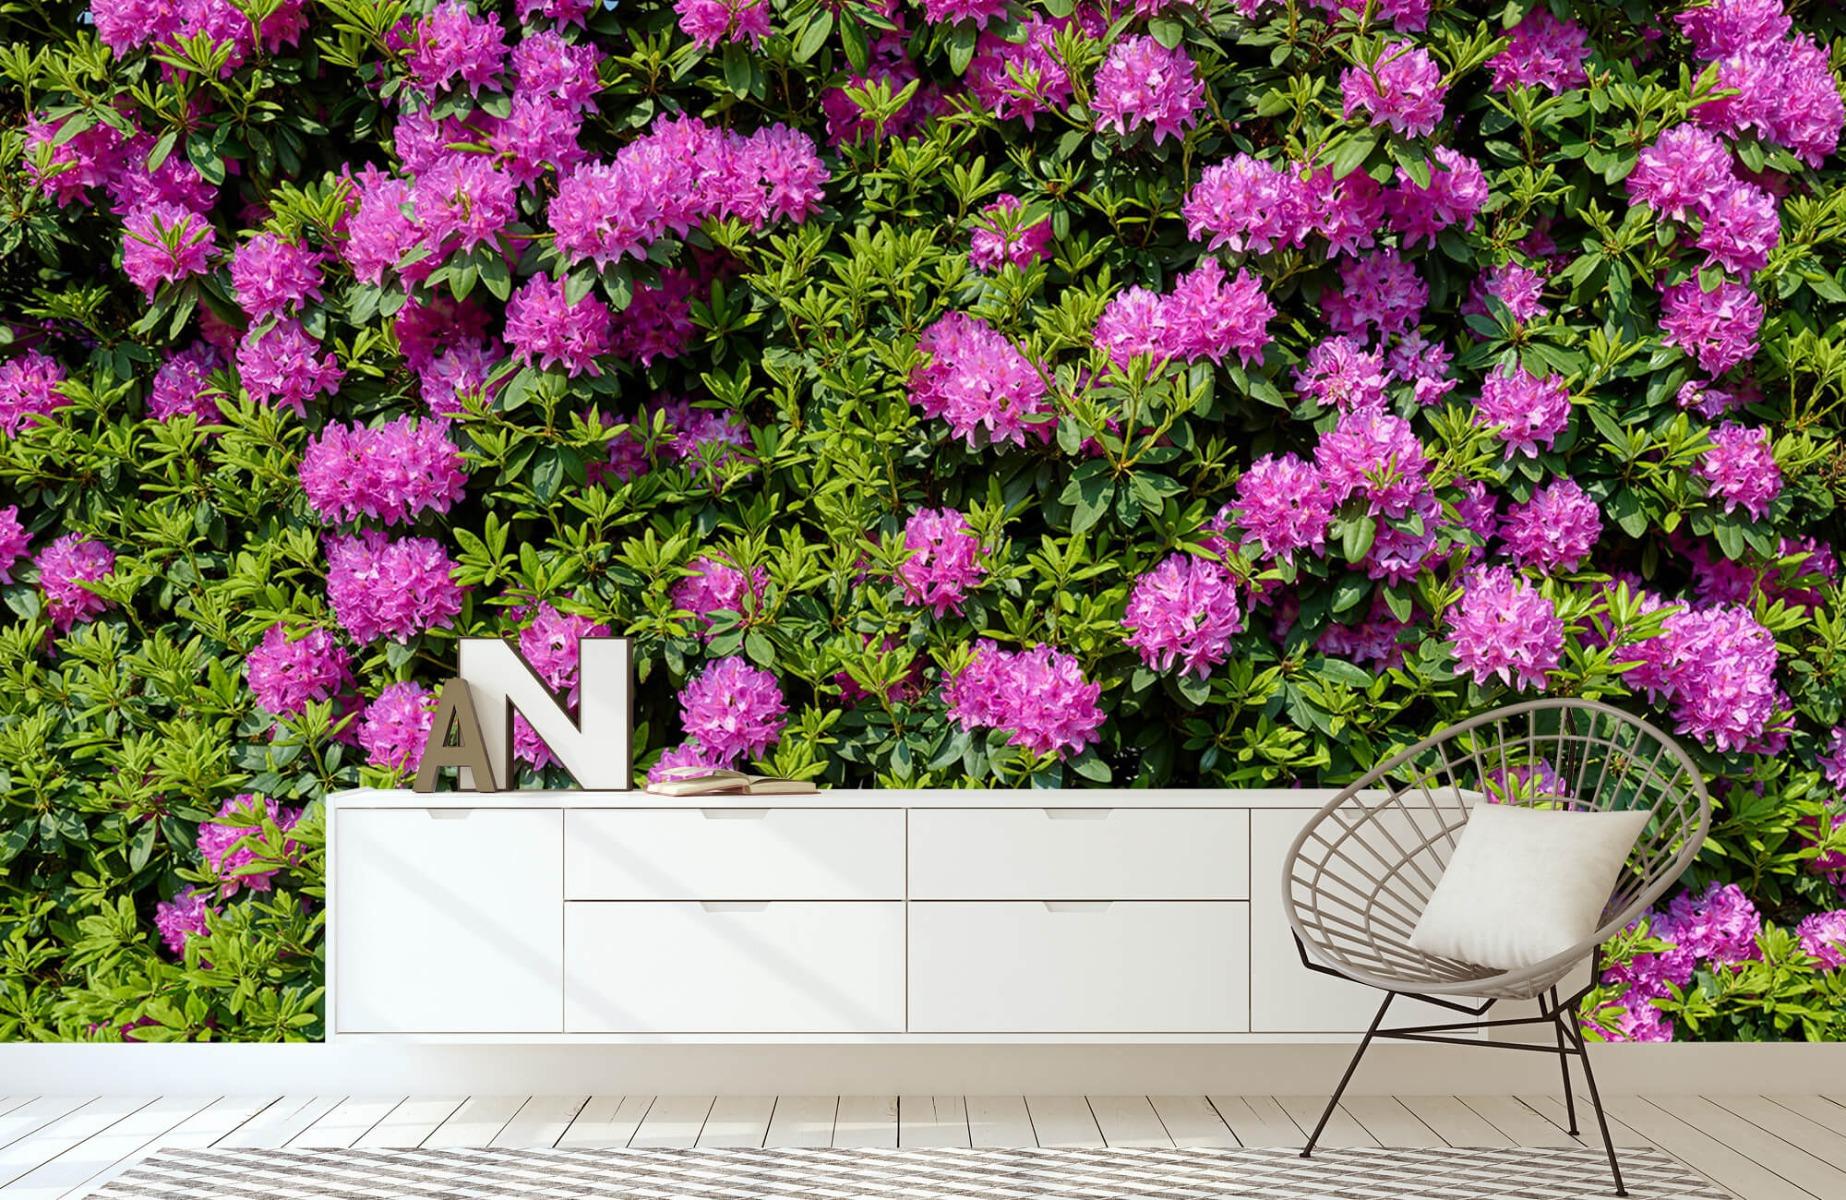 Bloemenvelden - Grote muur van rododendrons - Wallexclusive - Woonkamer 23